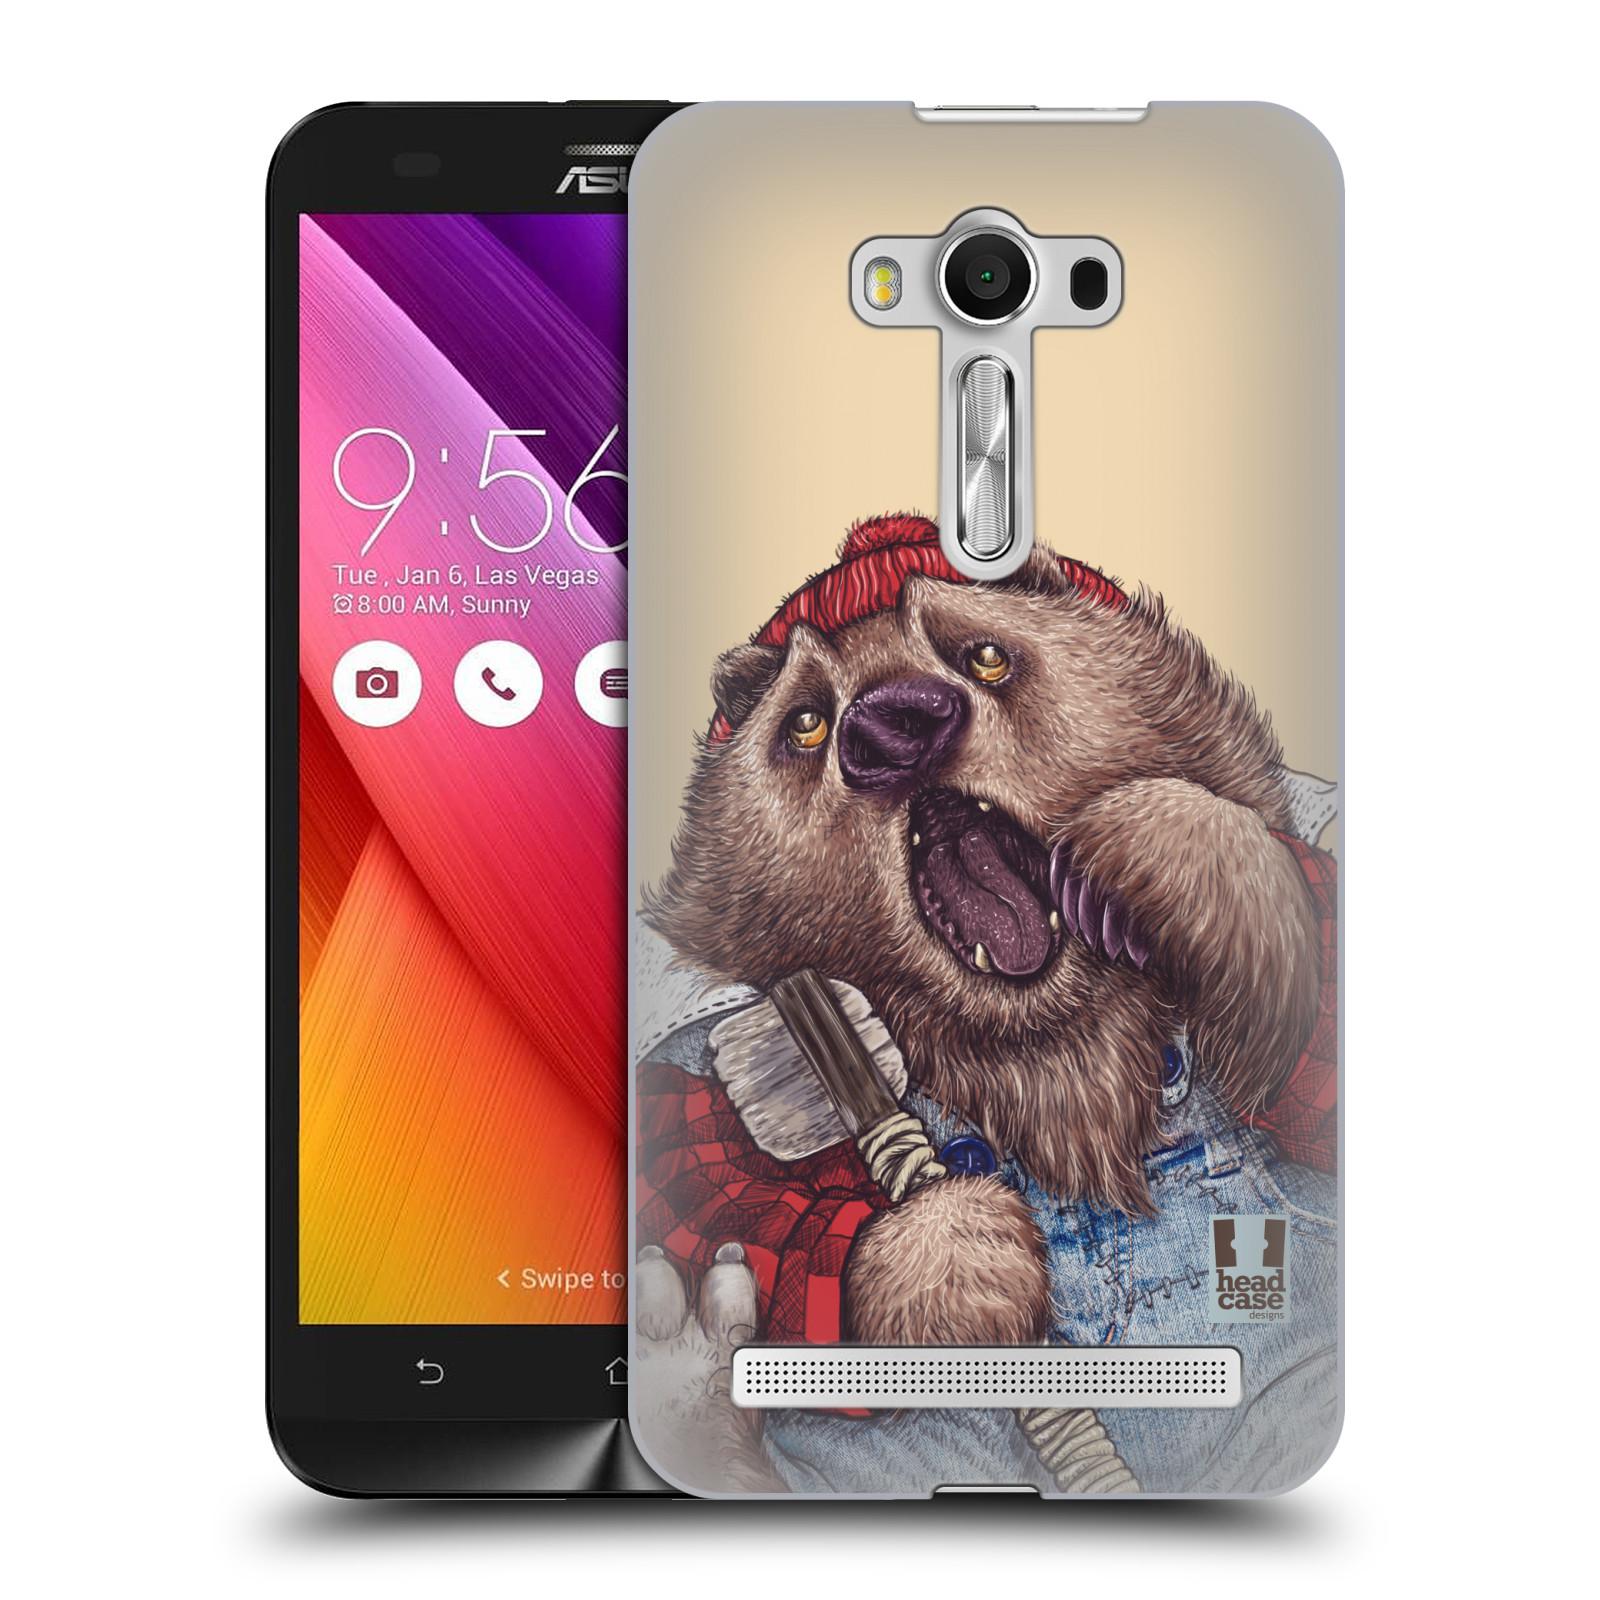 HEAD CASE plastový obal na mobil Asus Zenfone 2 LASER (5,5 displej ZE550KL) vzor Kreslená zvířátka medvěd